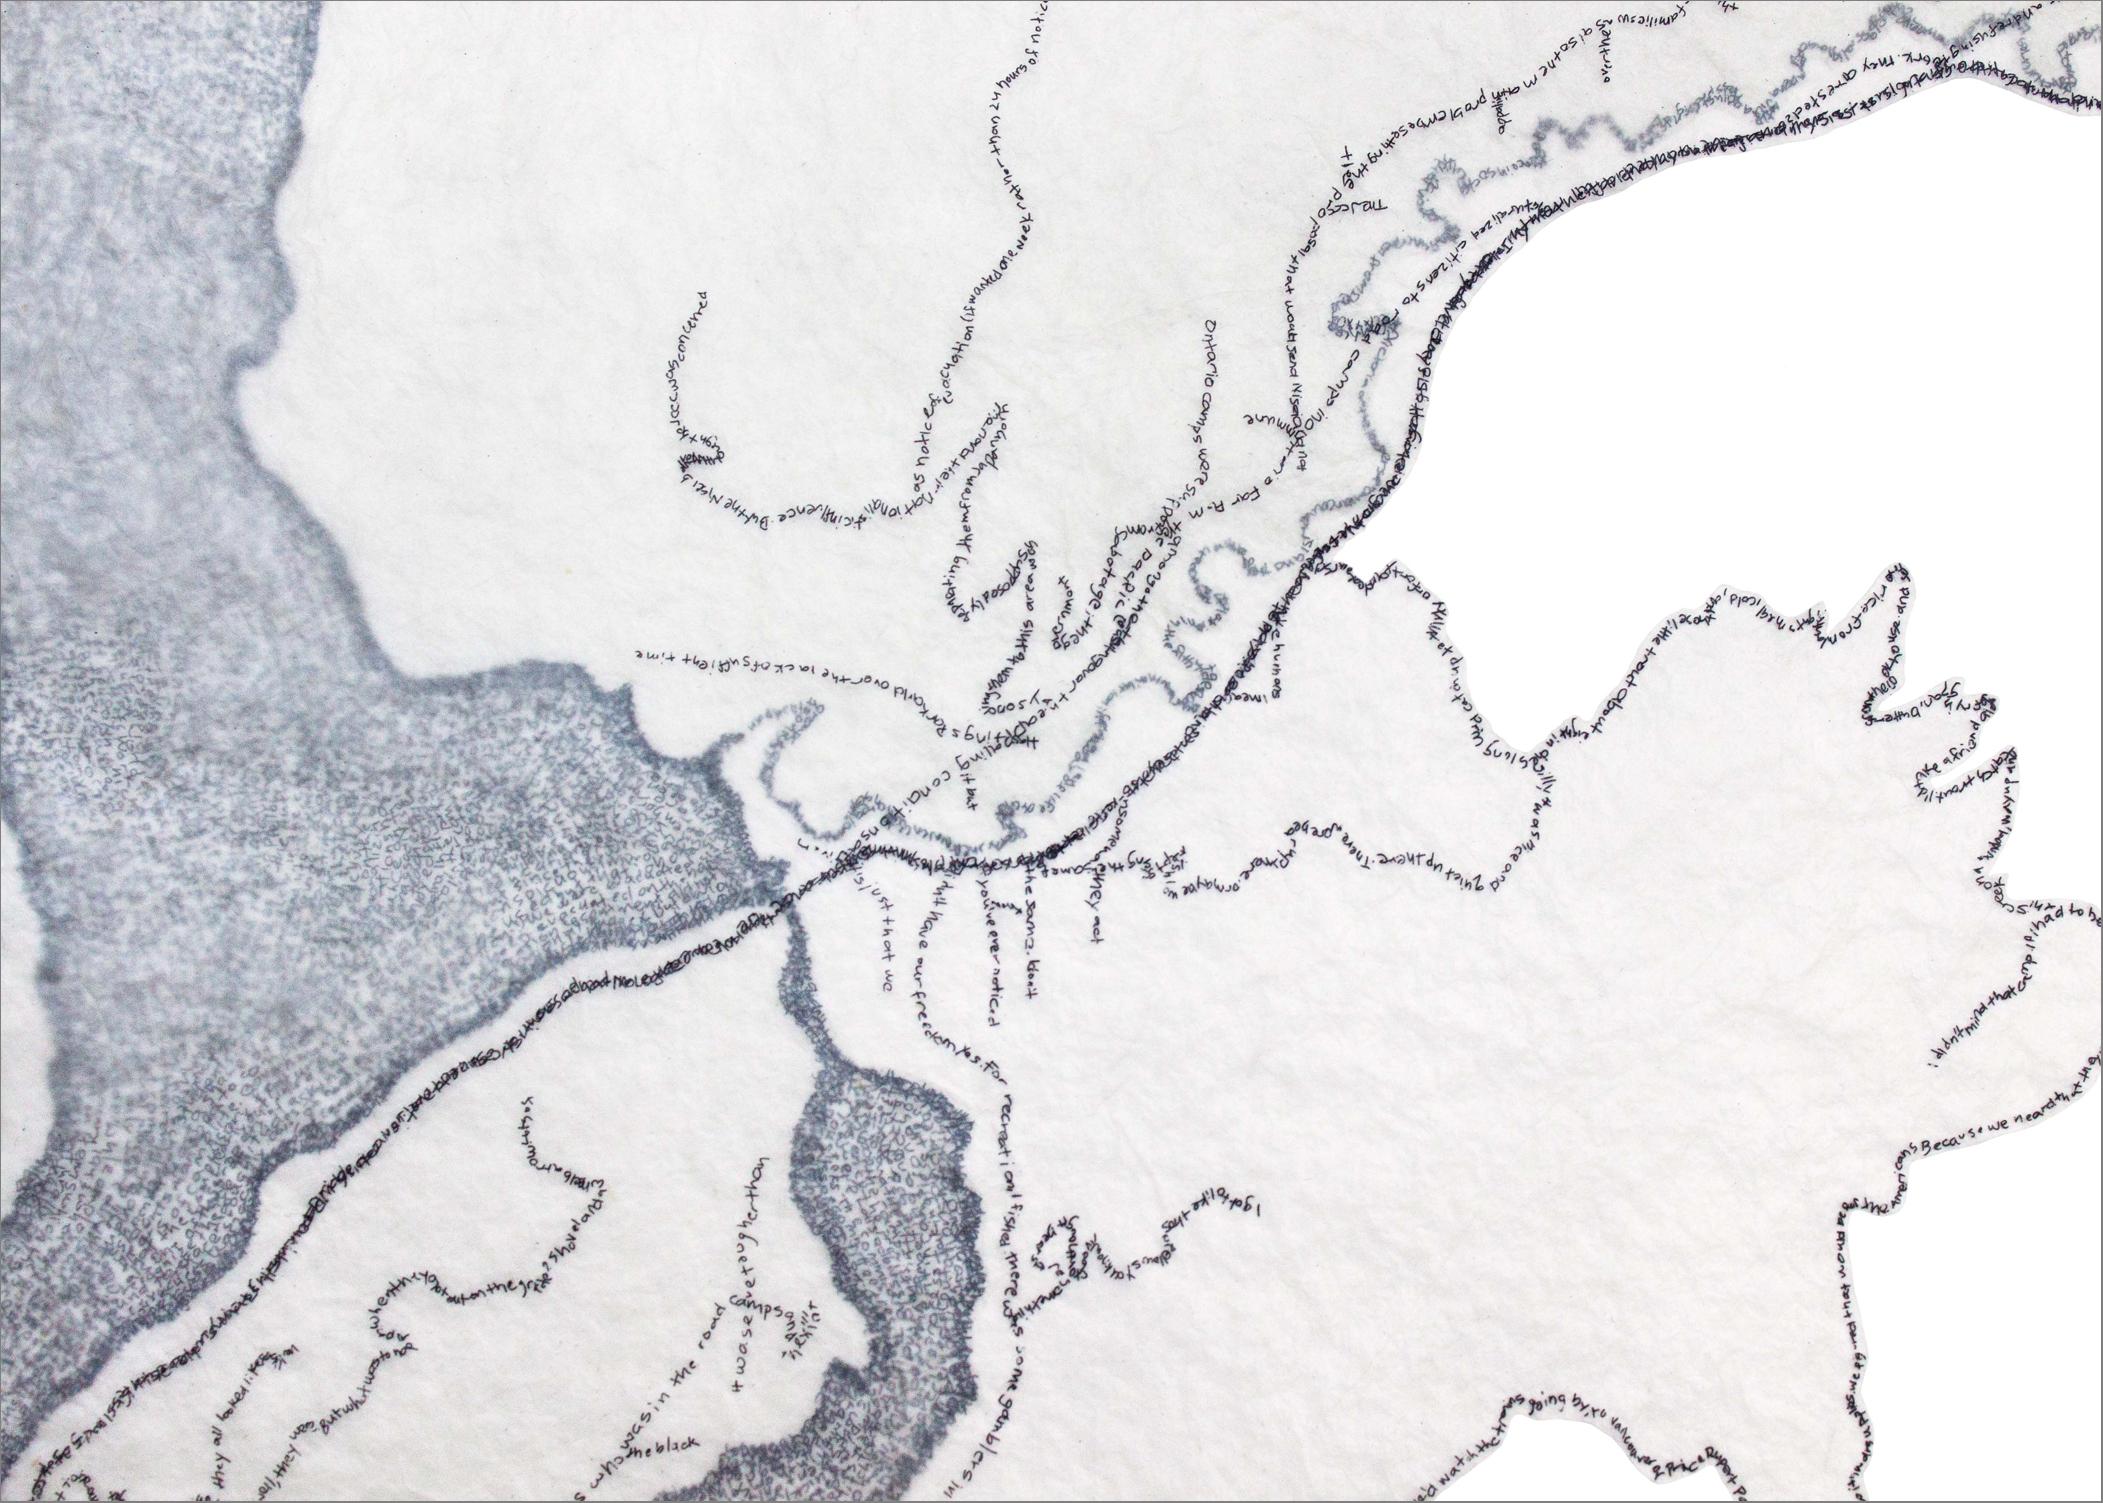 Salmon Arm to Malakwa – Detail 1